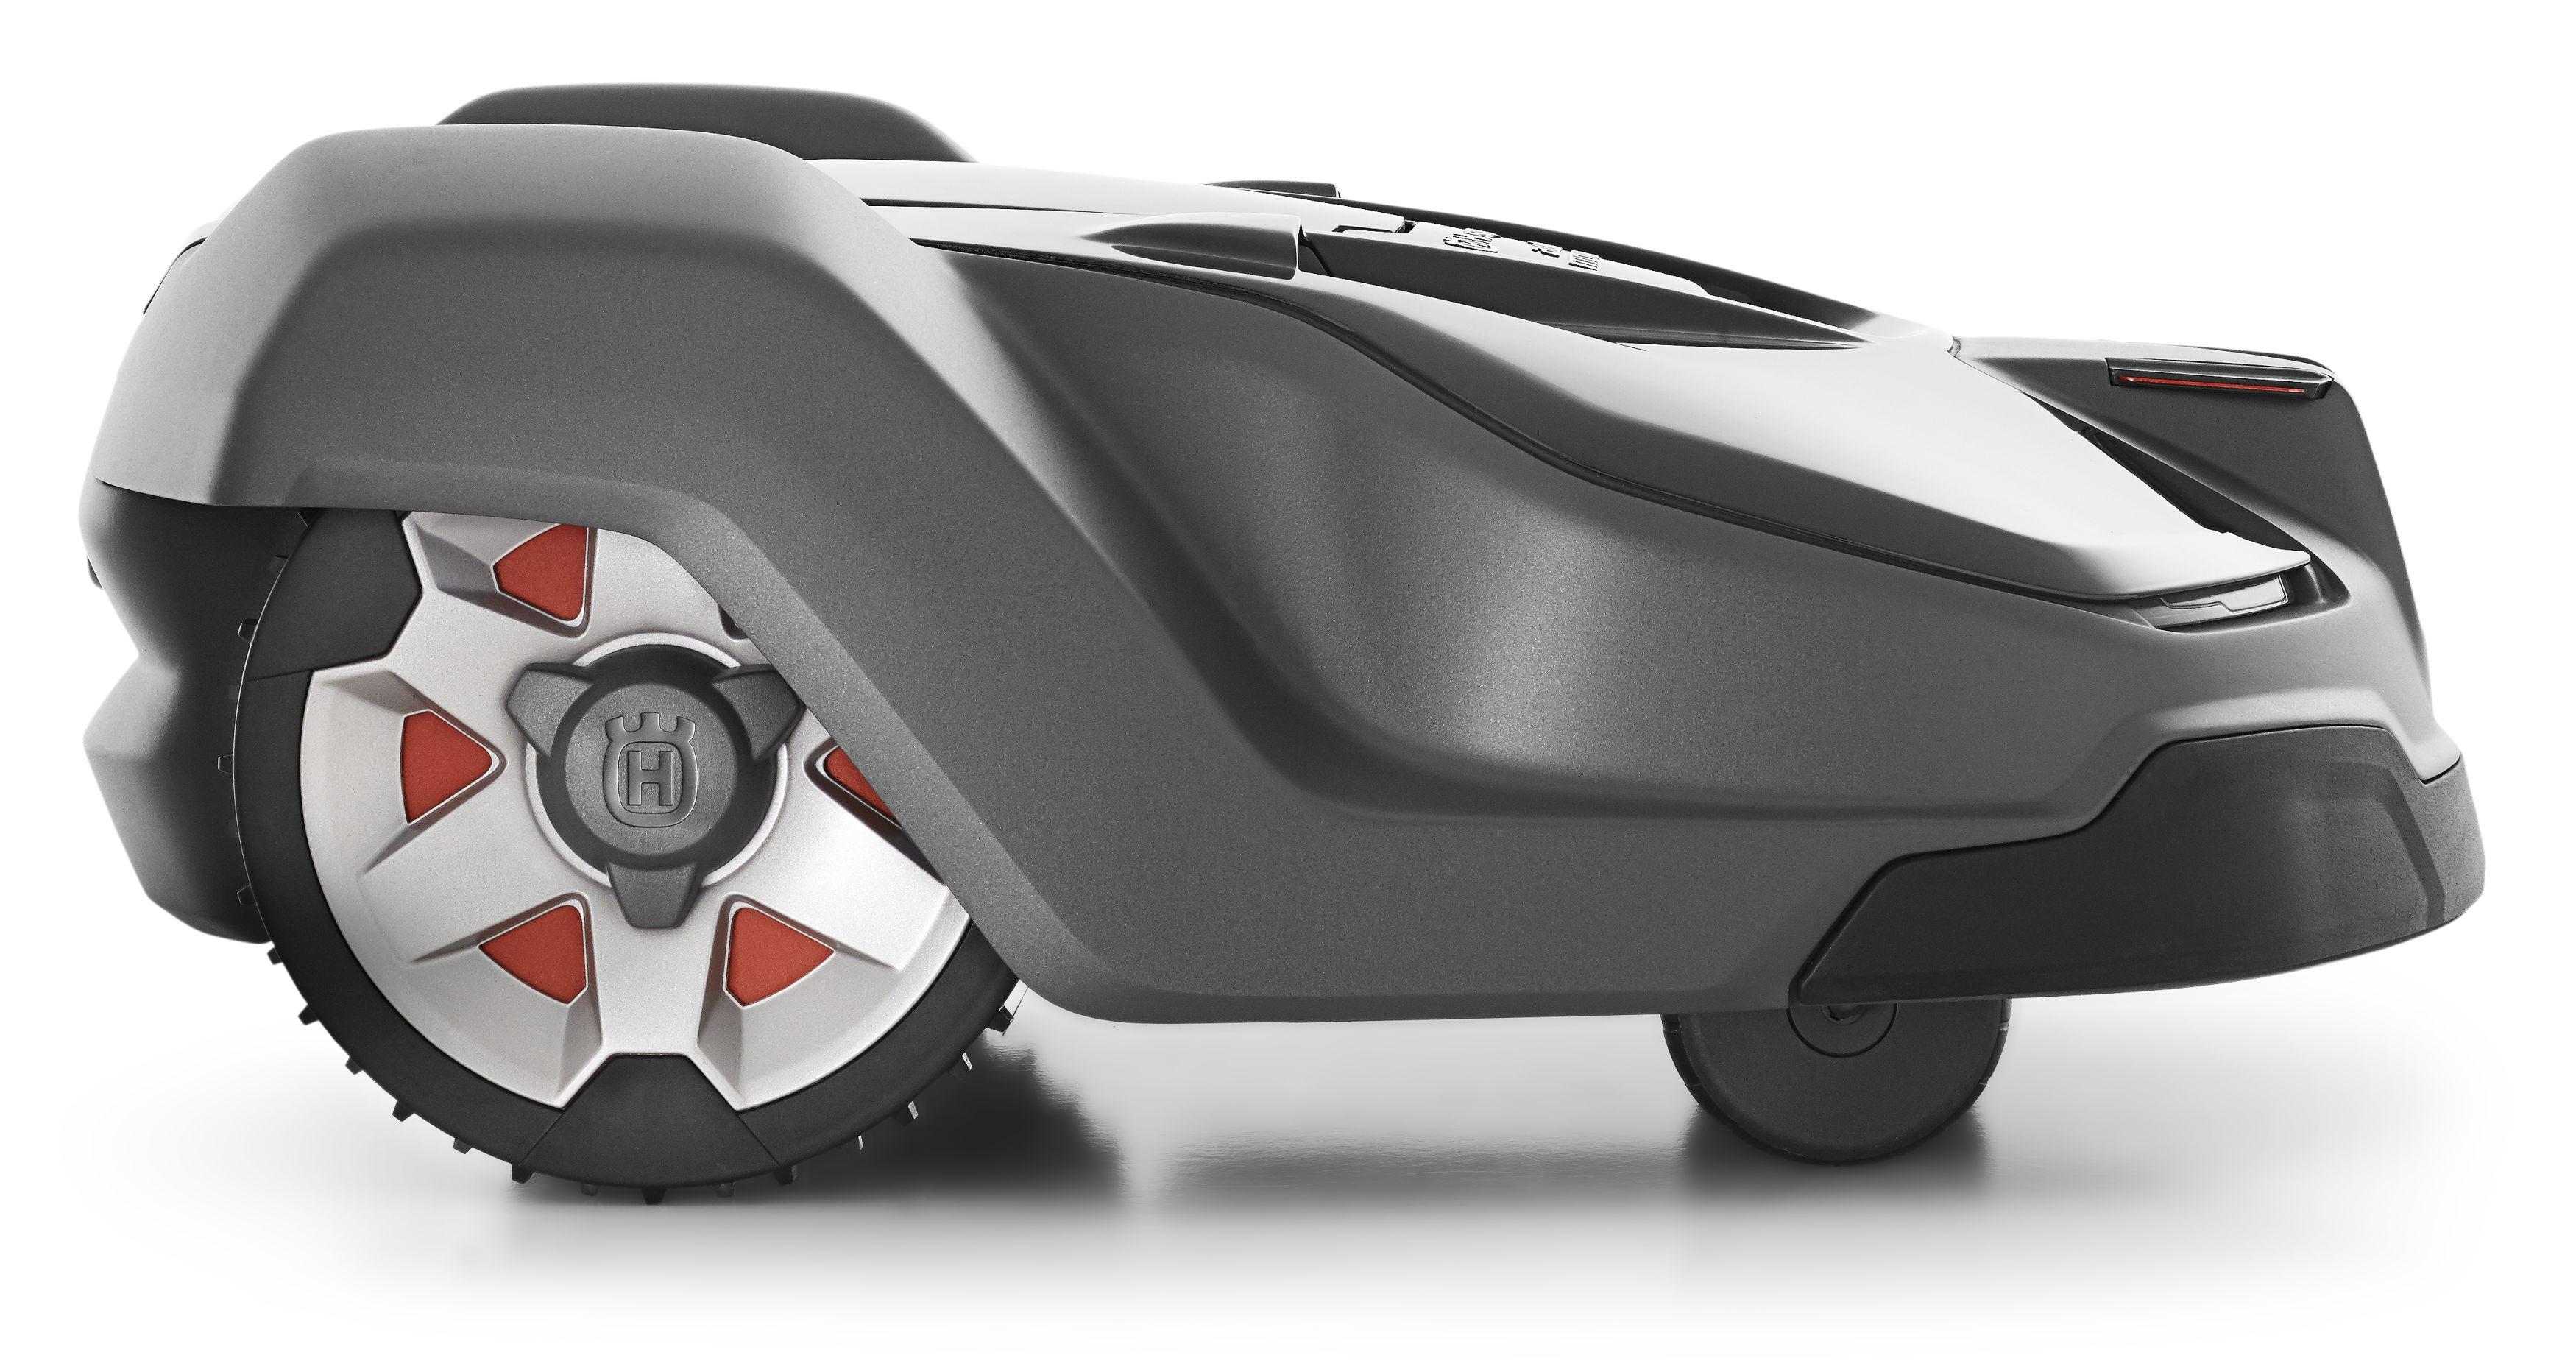 automower 450x | autobotics | husqvarna automower stockists